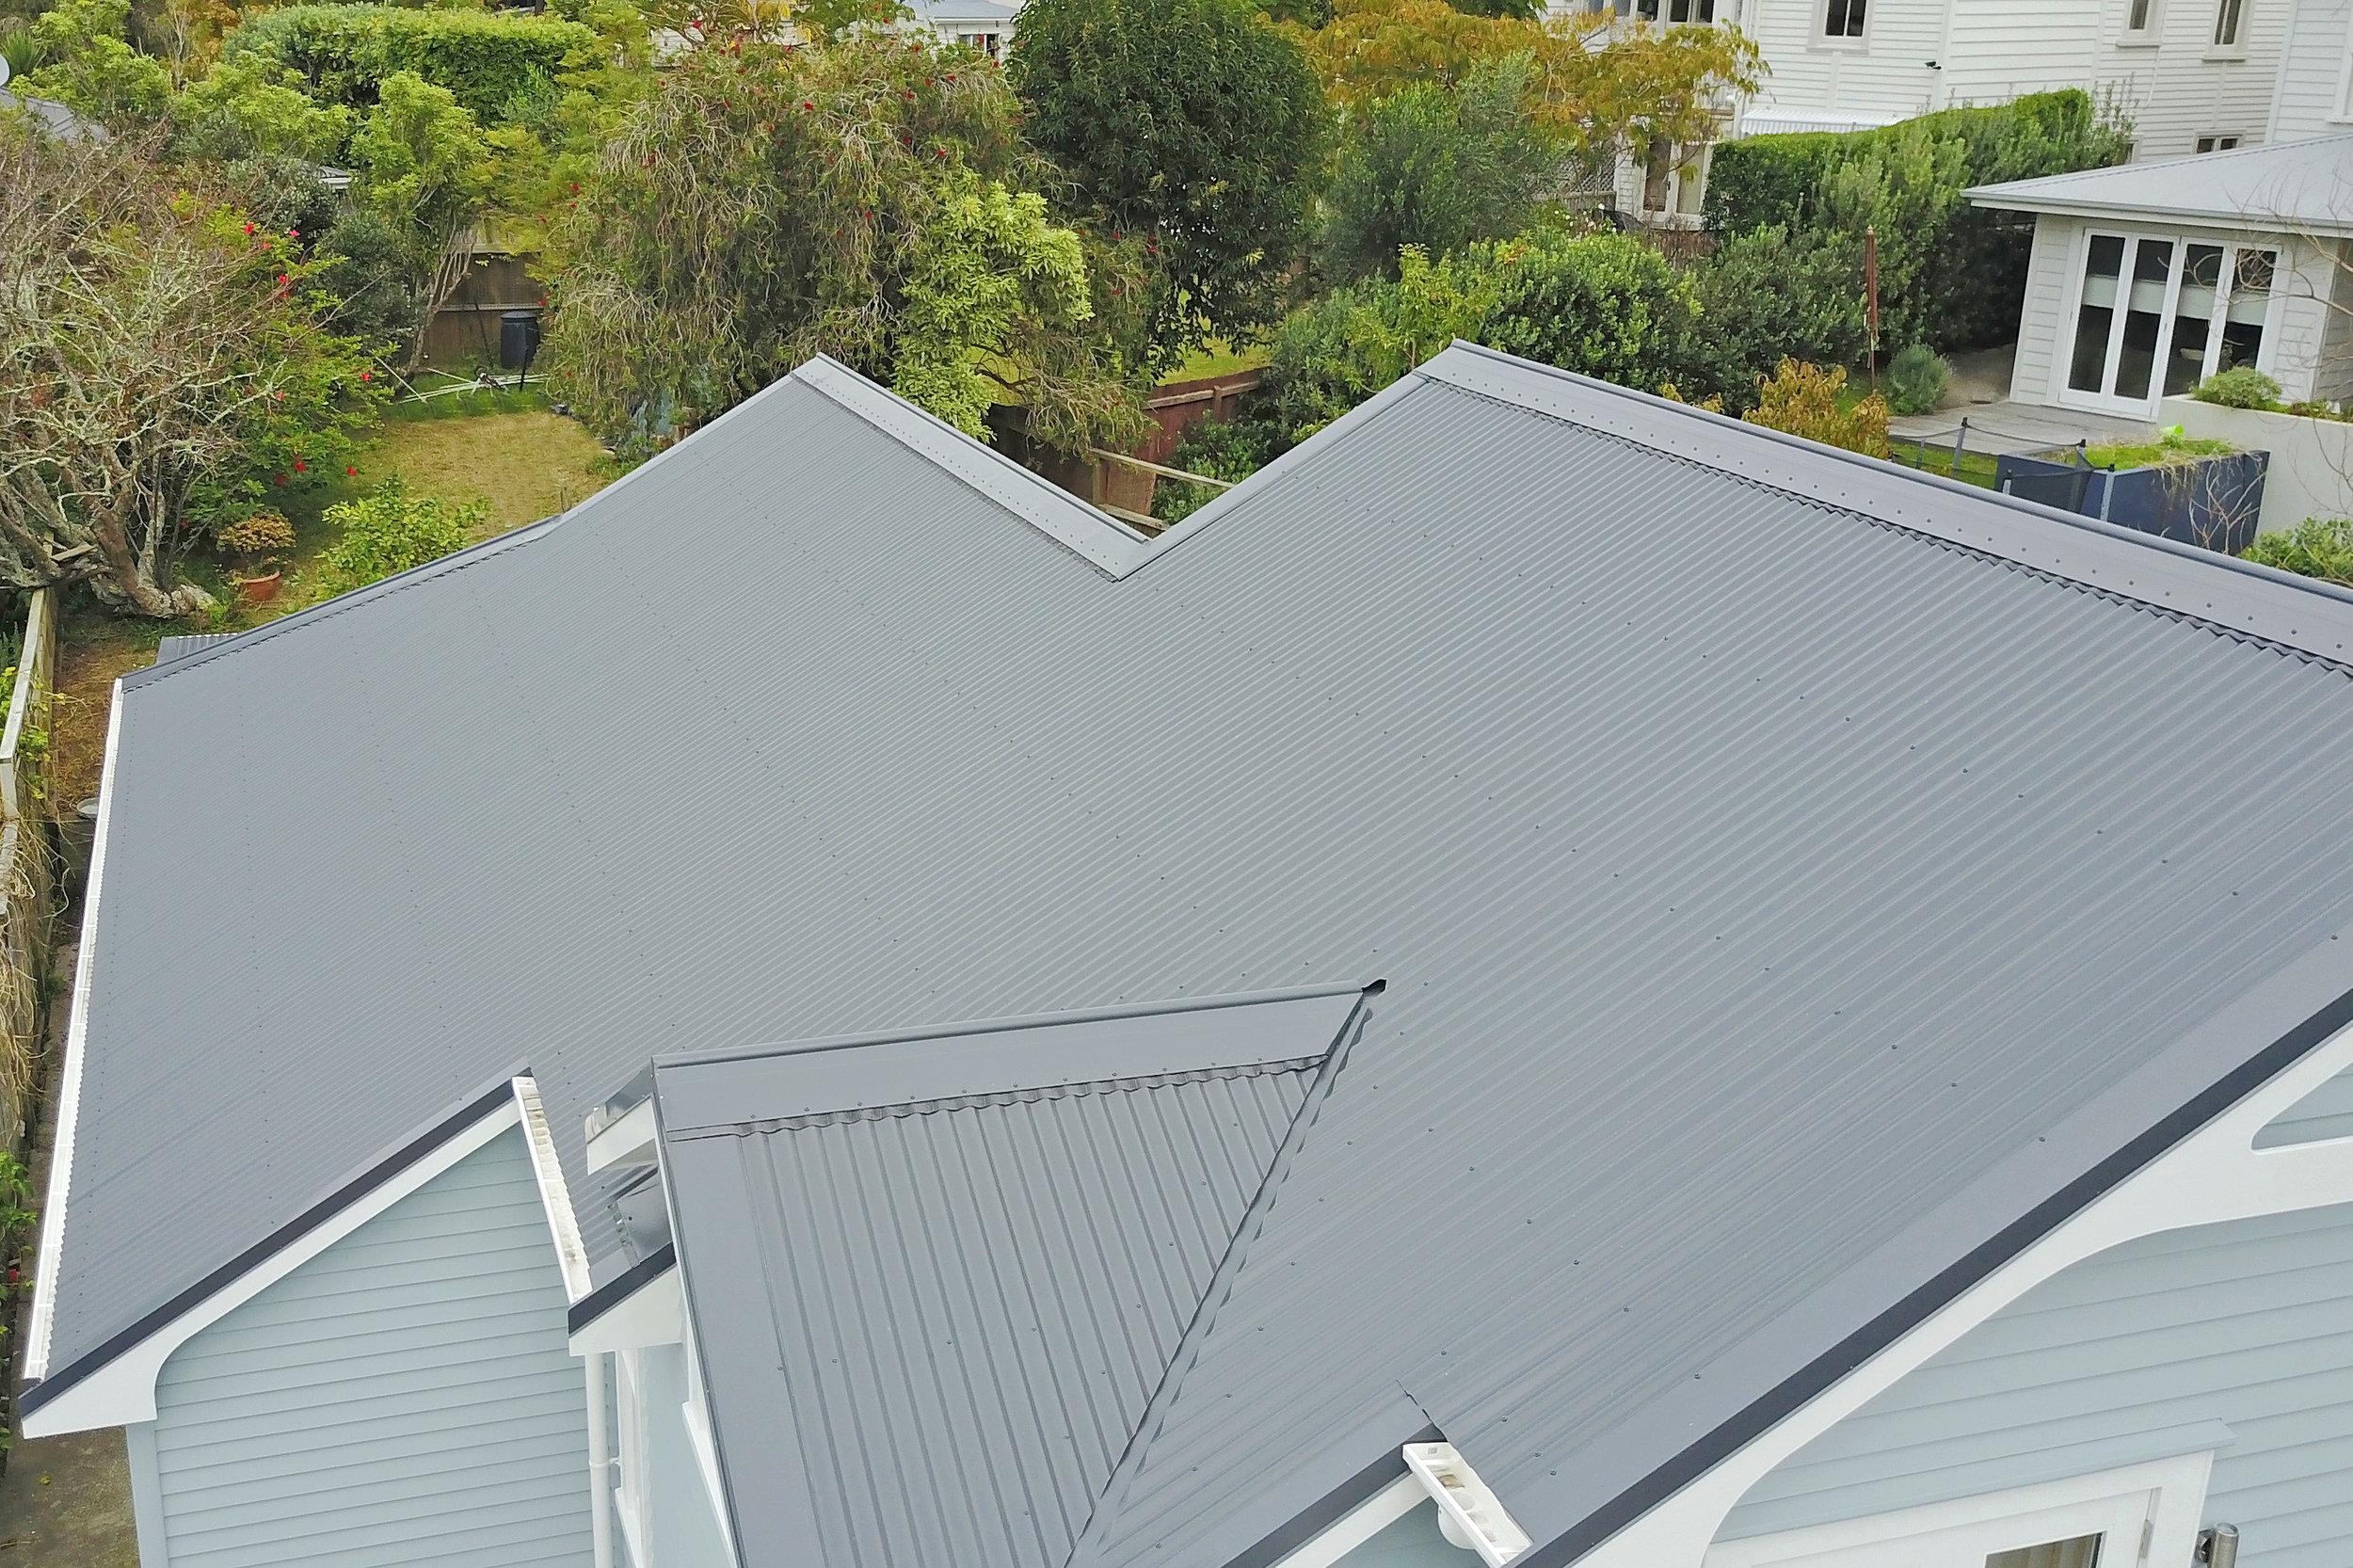 The-Roofing-Store-Steel-Metal-Corrugate-Vitor-0.55-Grey-Friars-4.jpg.jpg